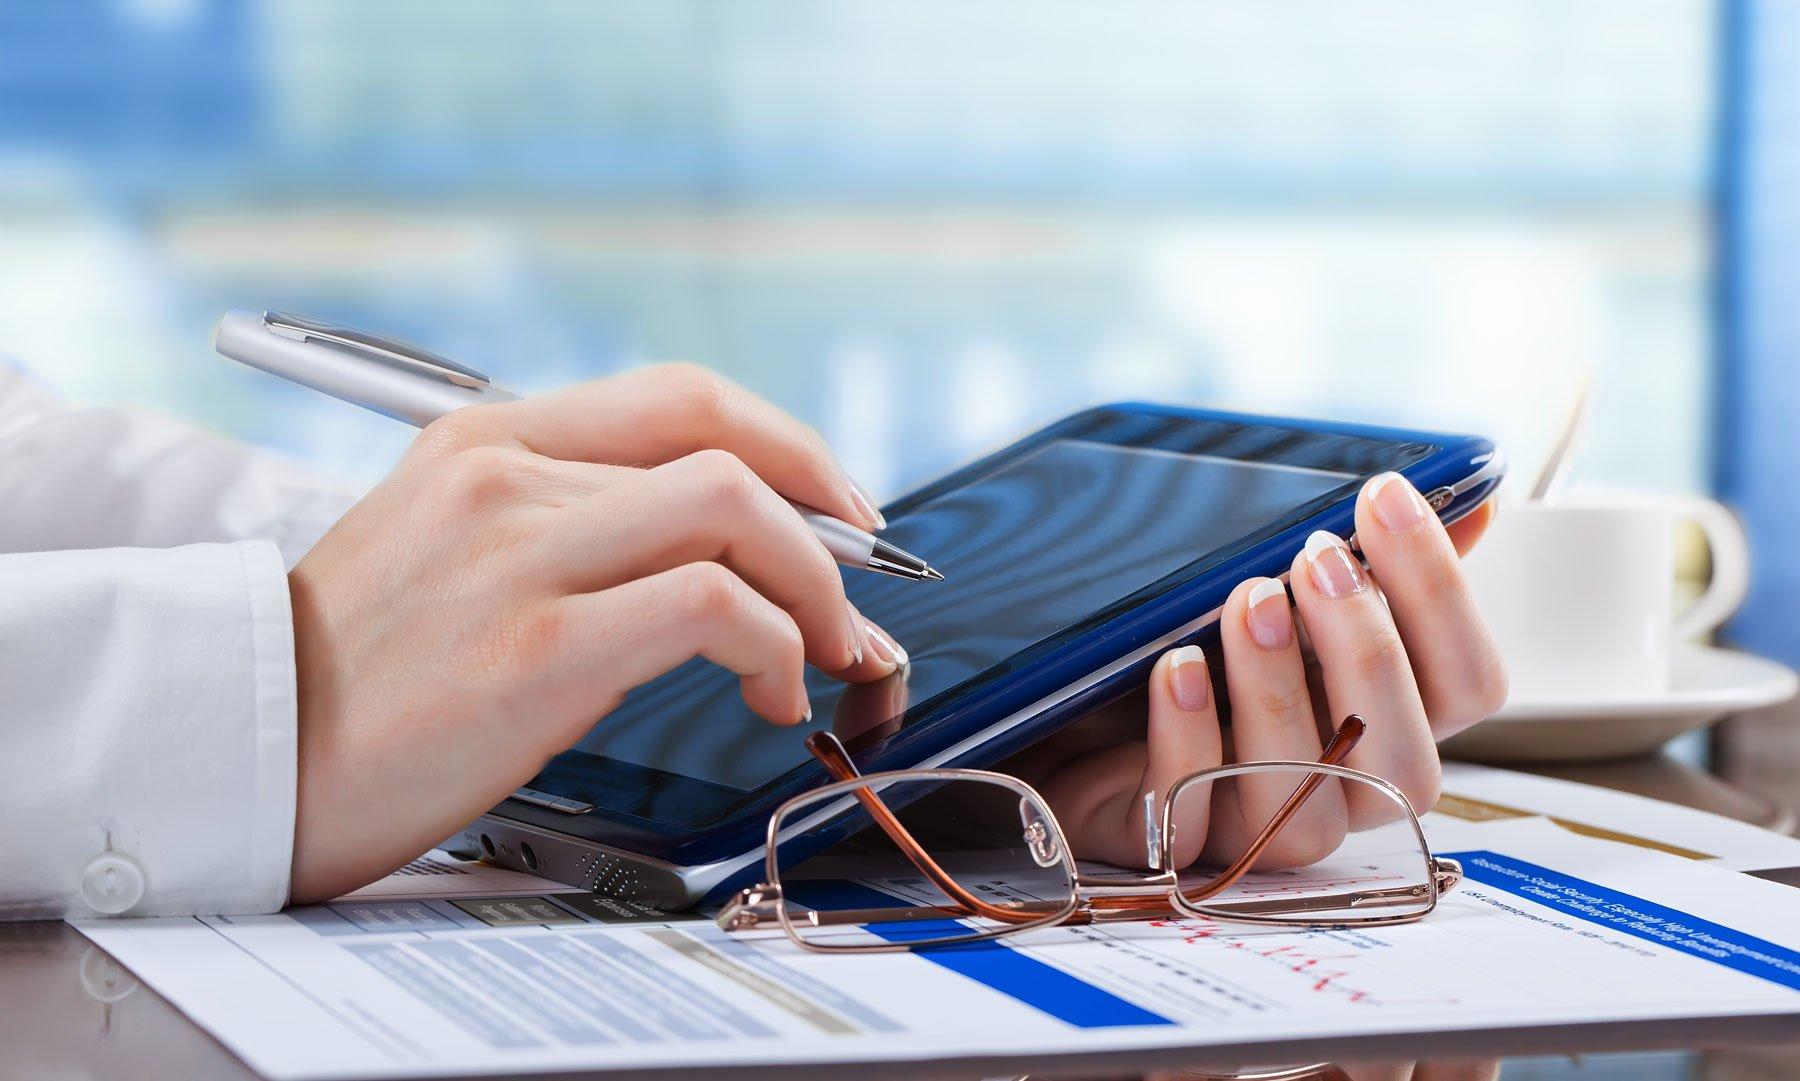 una mano con una penna in mano, un tablet  dei fogli su una scrivania e un paio di occhiali da vista